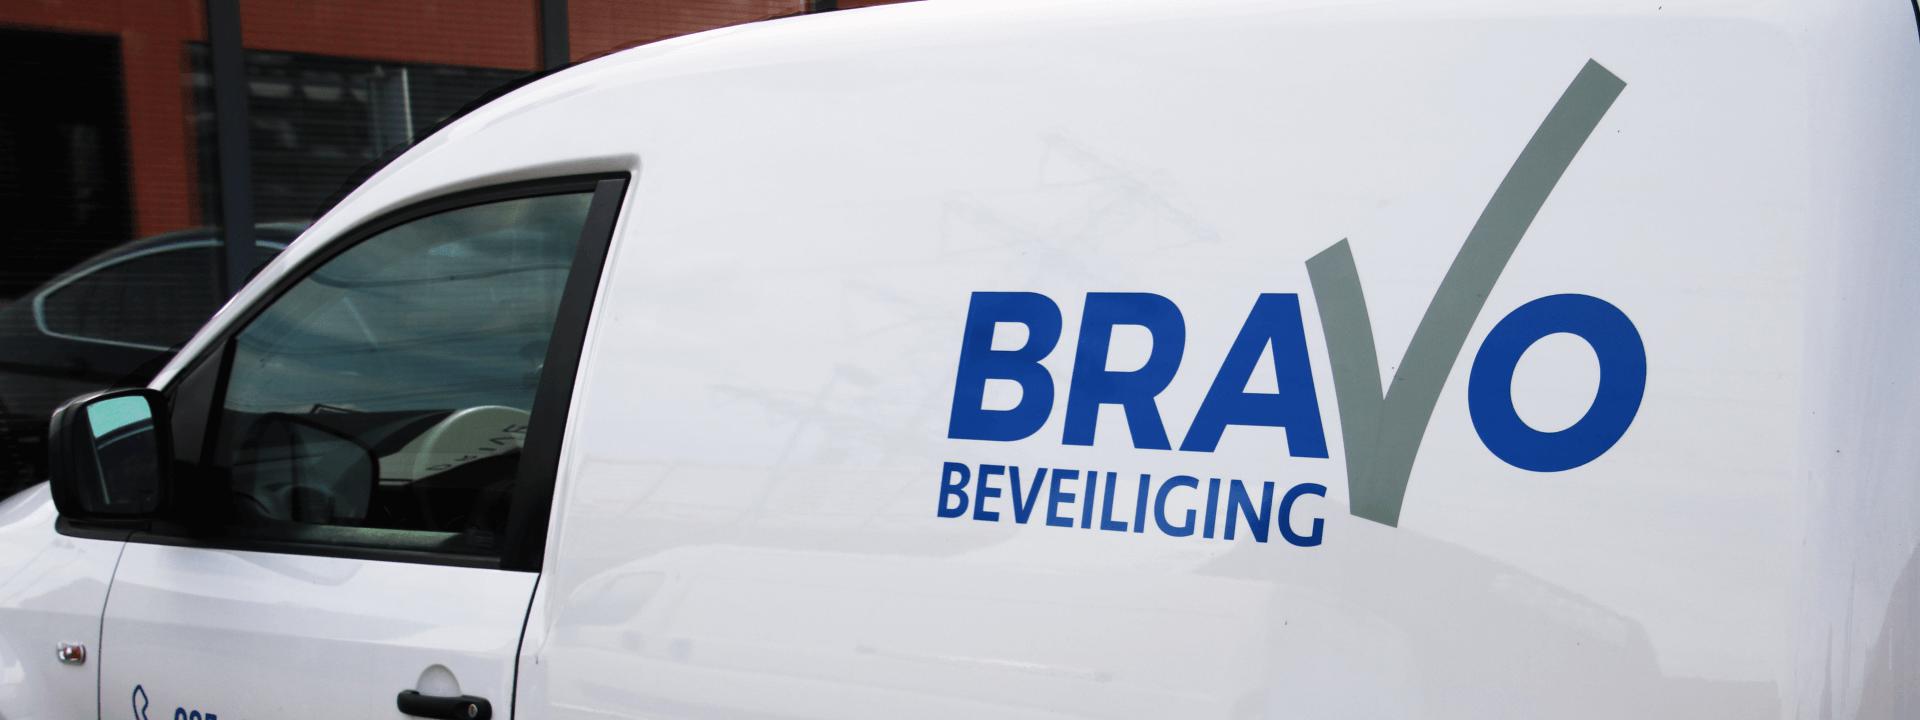 Bravo beveiliging auto